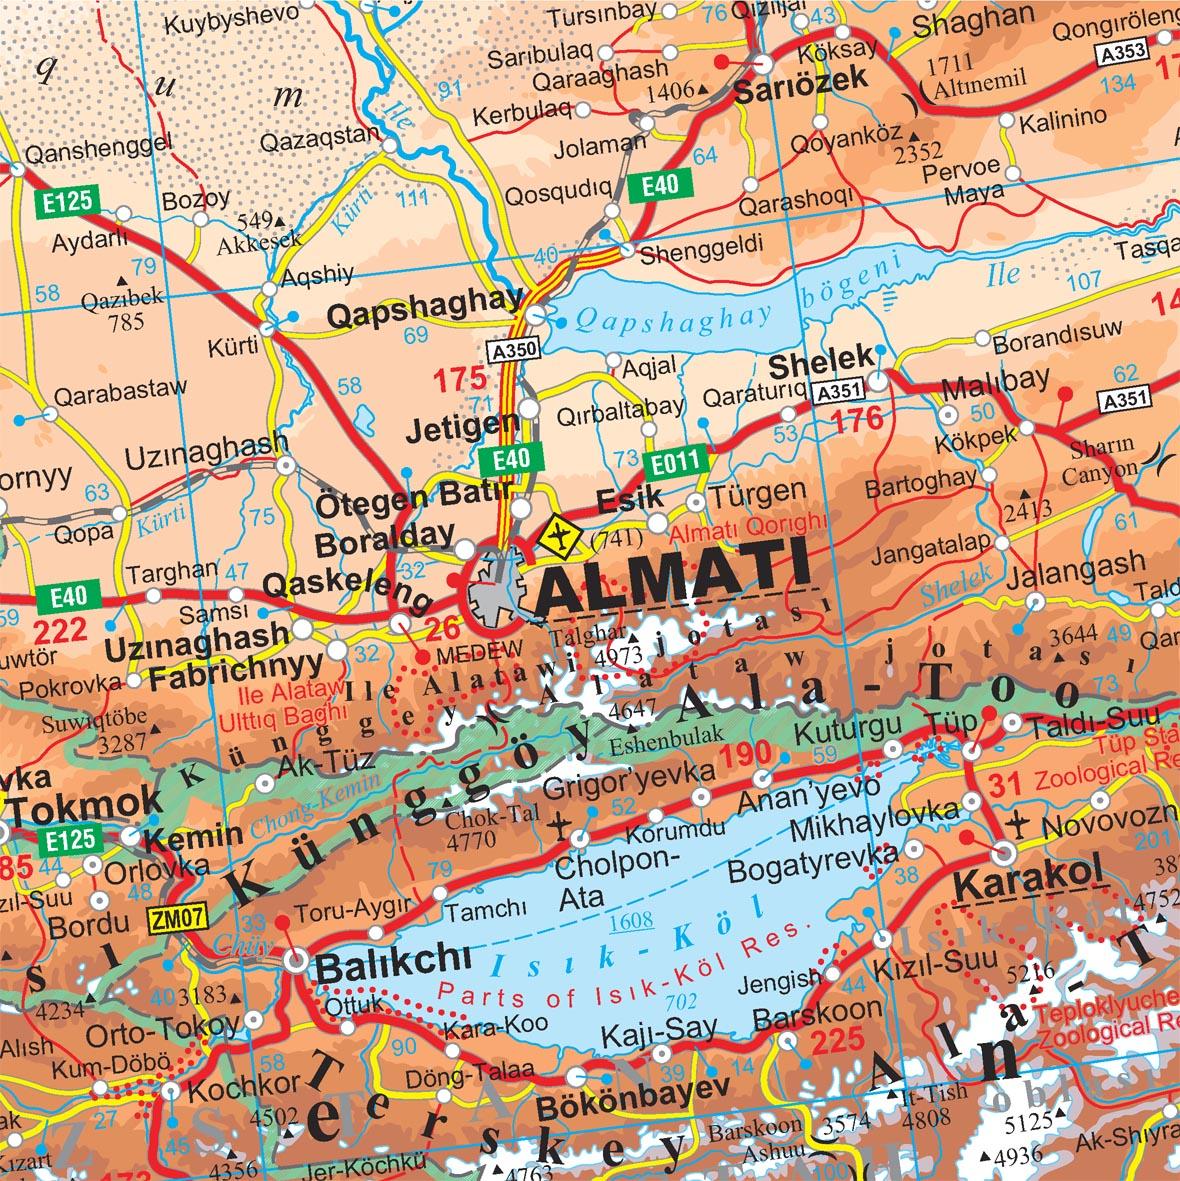 Kazahsztán térképminta